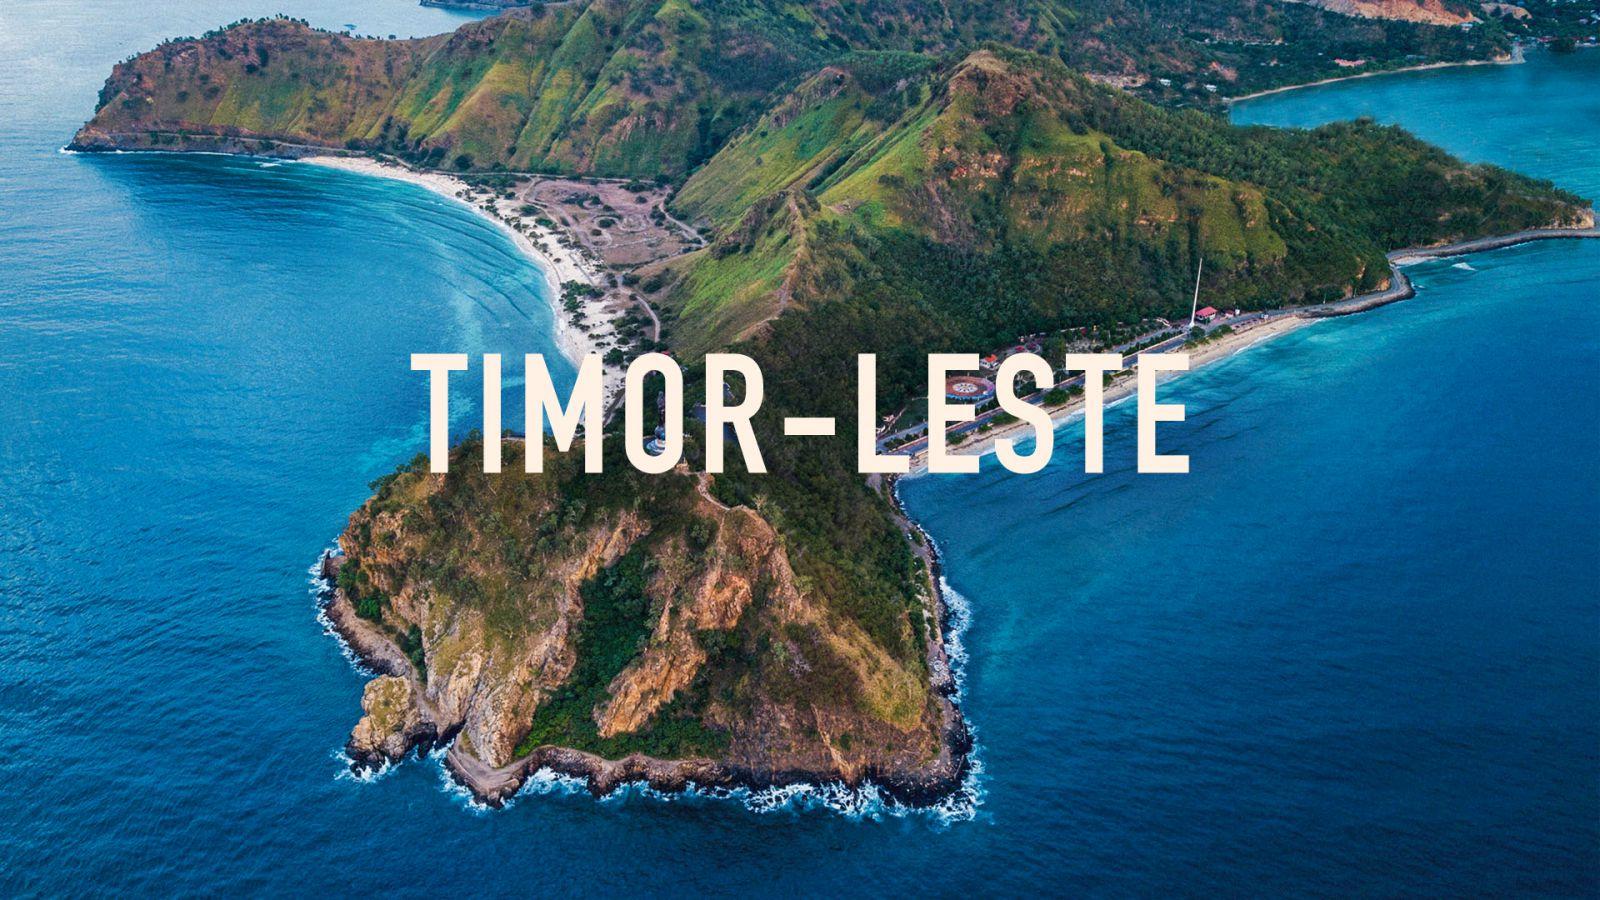 """Du lịch Đông Timor """"Viên Ngọc Thô"""" tỏa sáng giữa khu vực Đông Nam Á"""